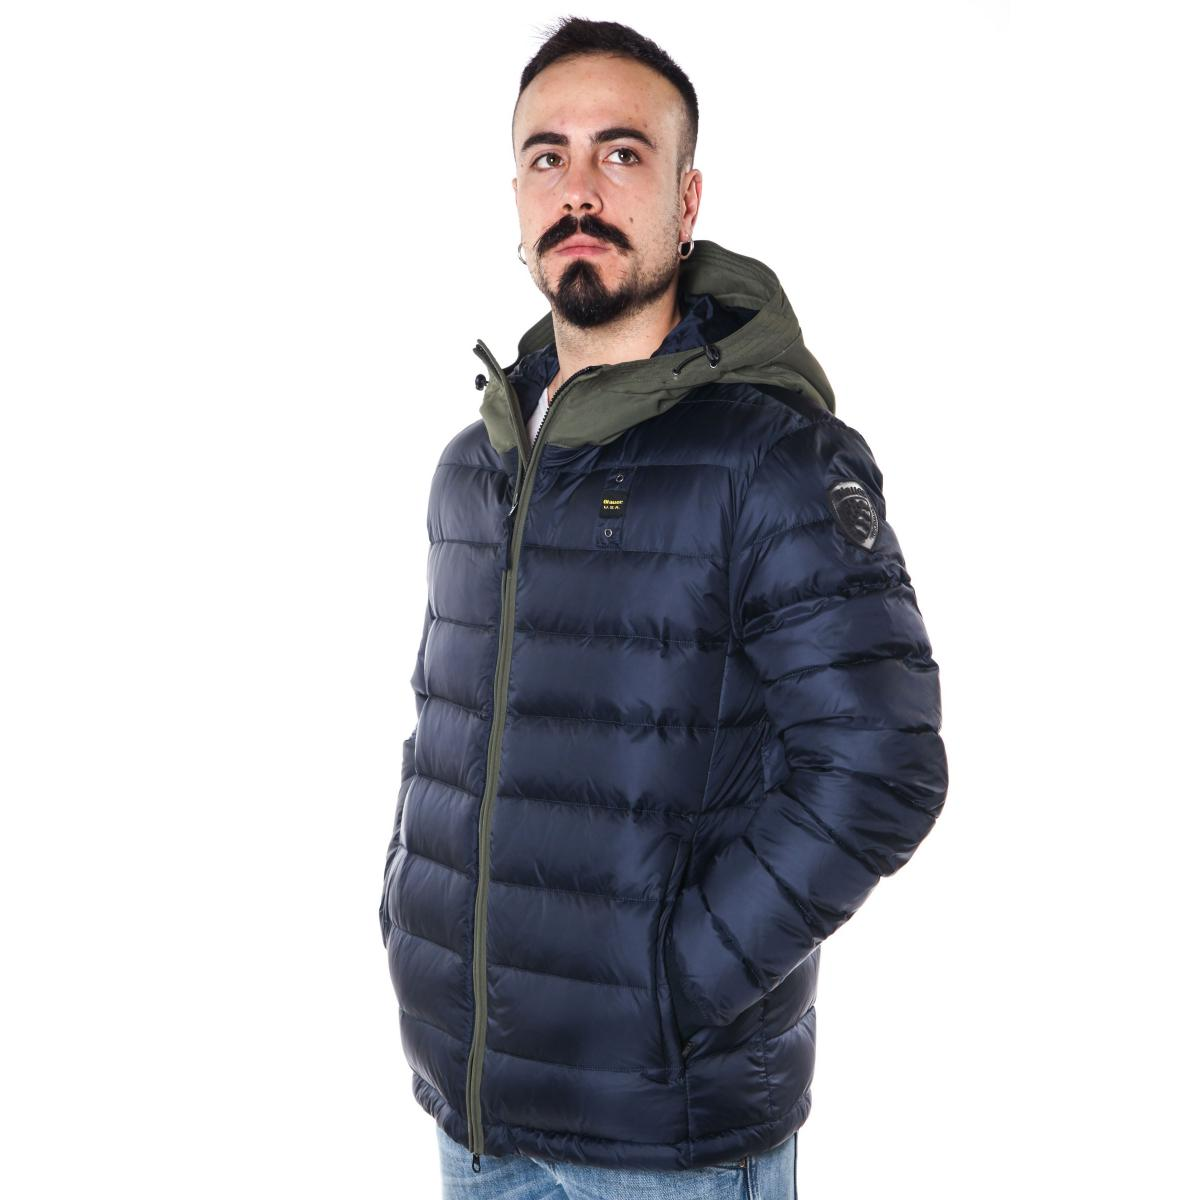 Giubbotto Piumino Blauer USA con cappuccio da uomo rif. 18WBLUC03113-005046